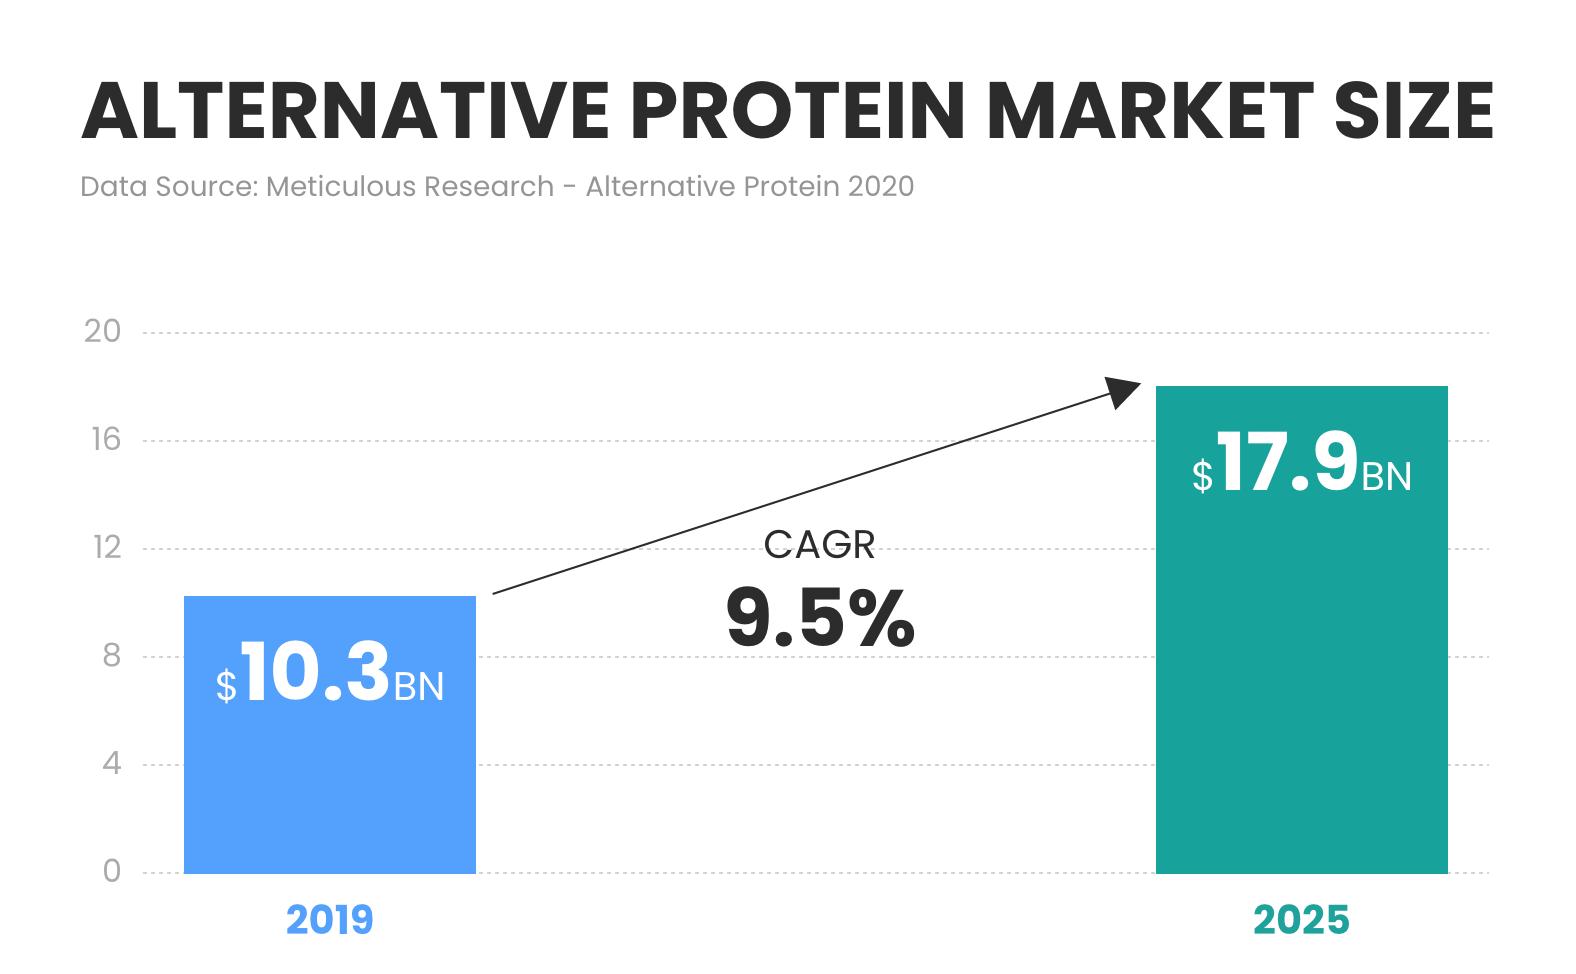 Alternative protein market size